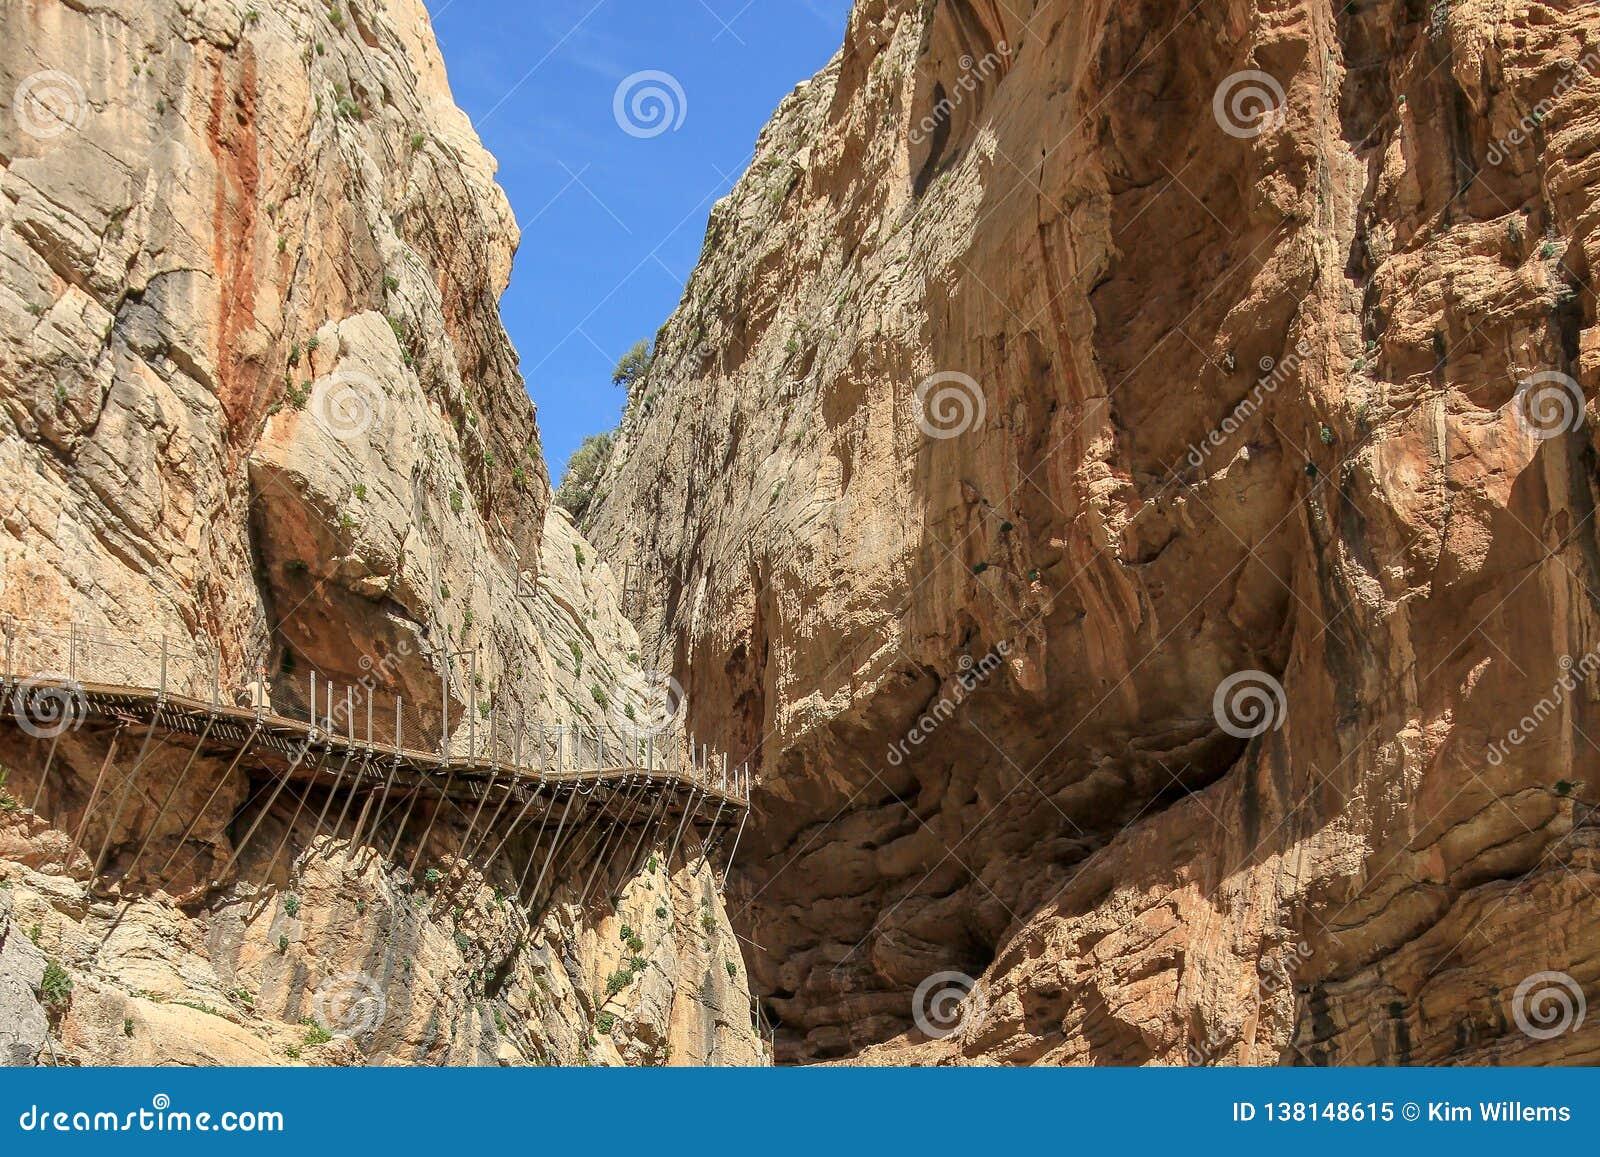 De Europese winnaar van de Kwakzalversmiddelentoekenning voor Camino del Rey